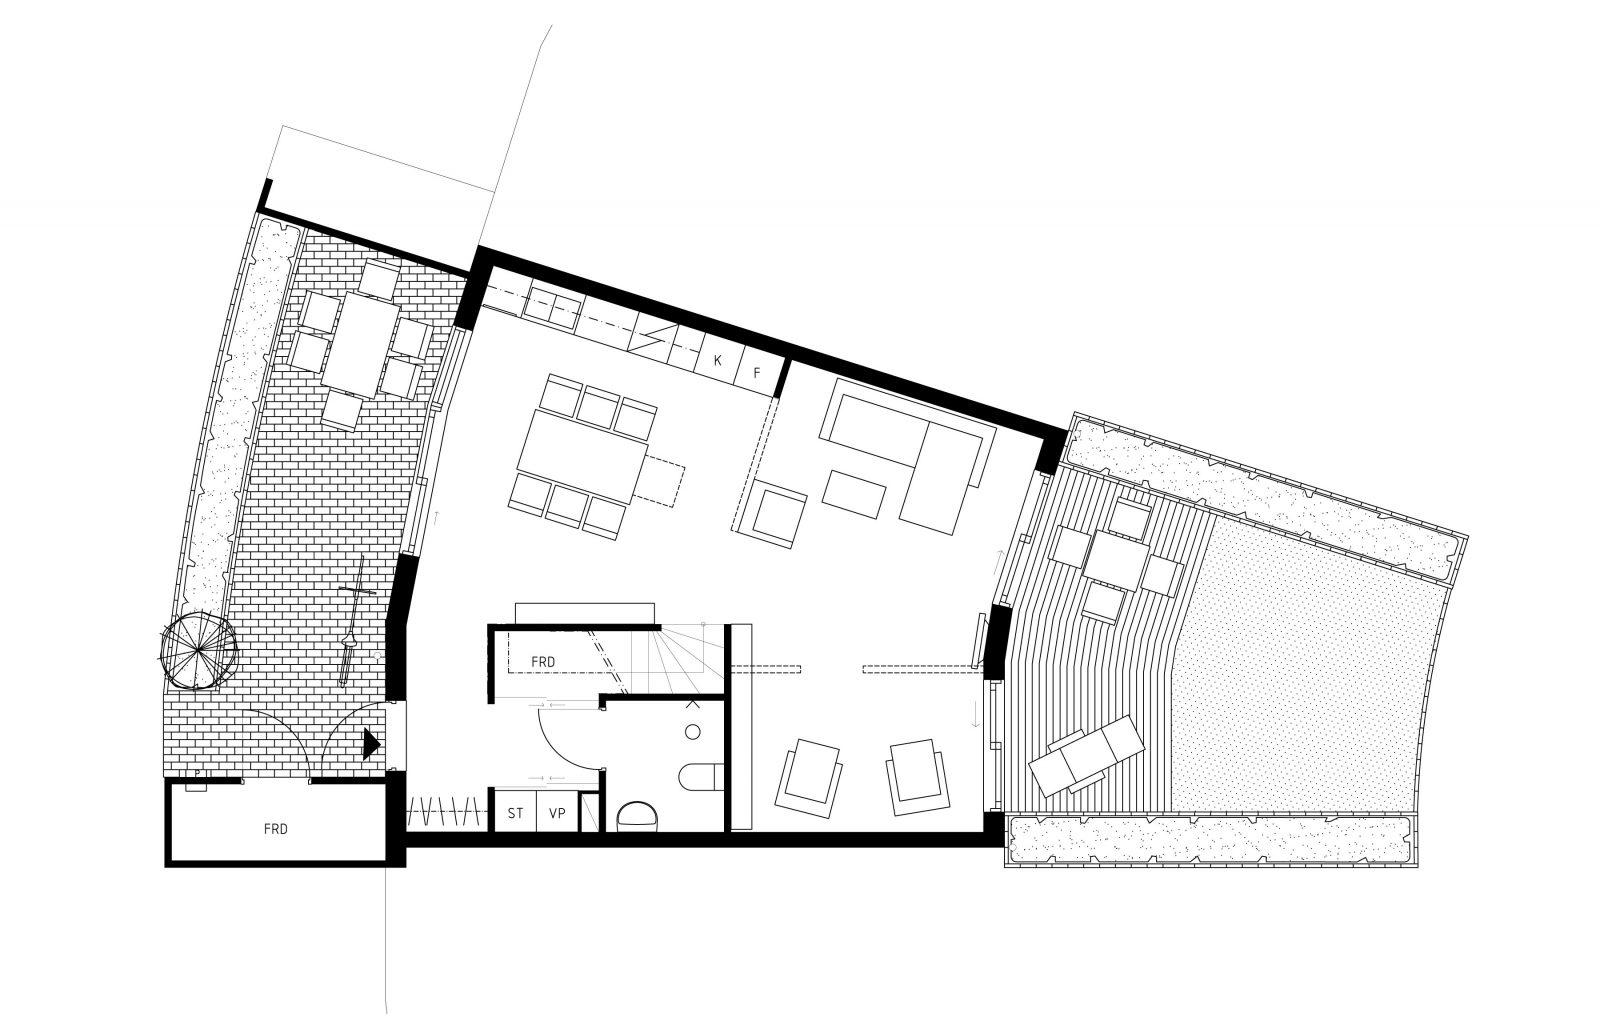 KjellanderSjoberg Lansradet plan01